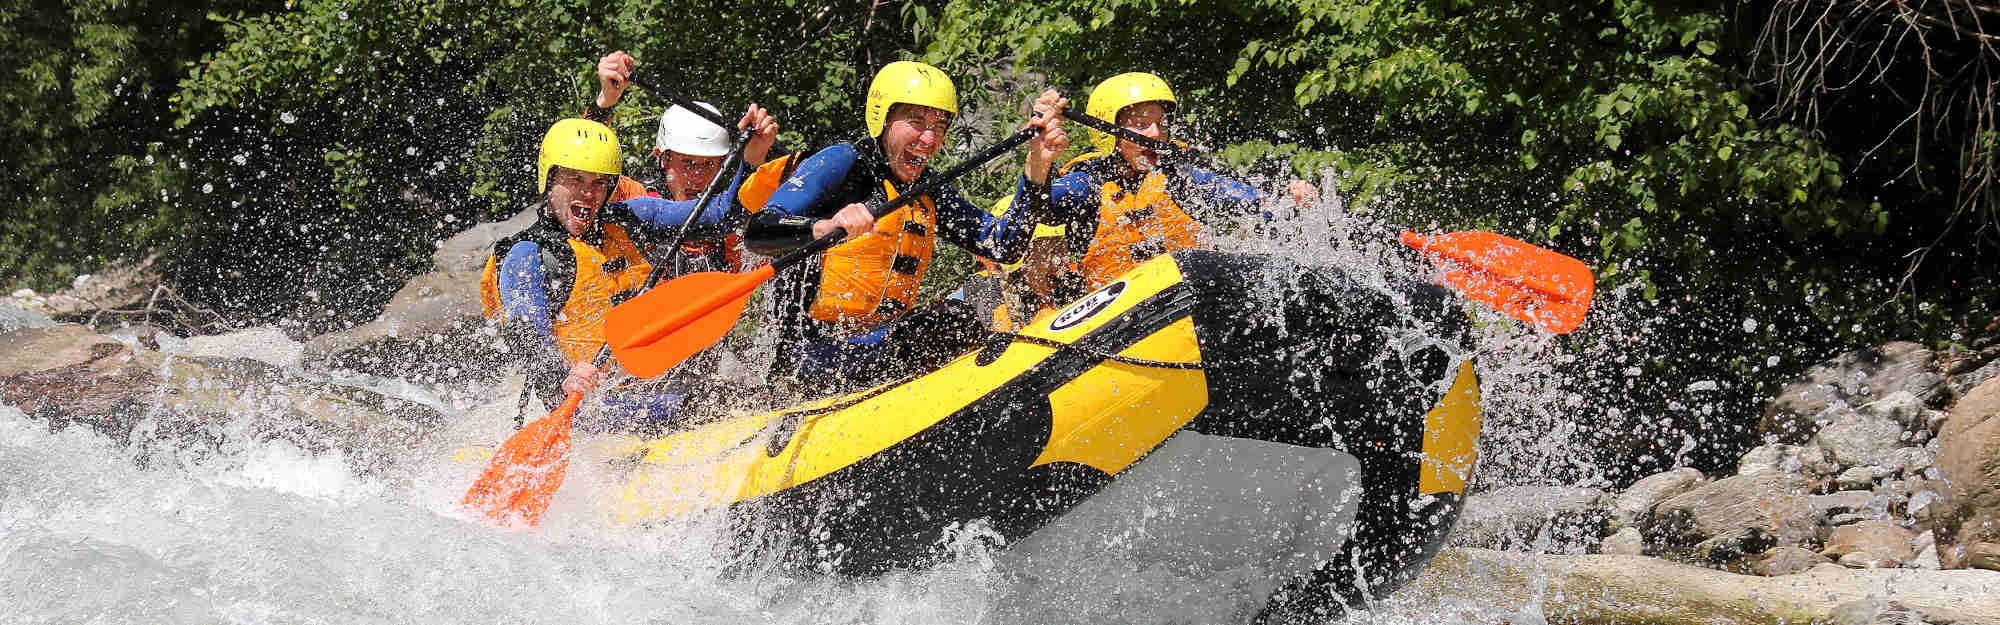 Volle Action beim Rafting im Passertal